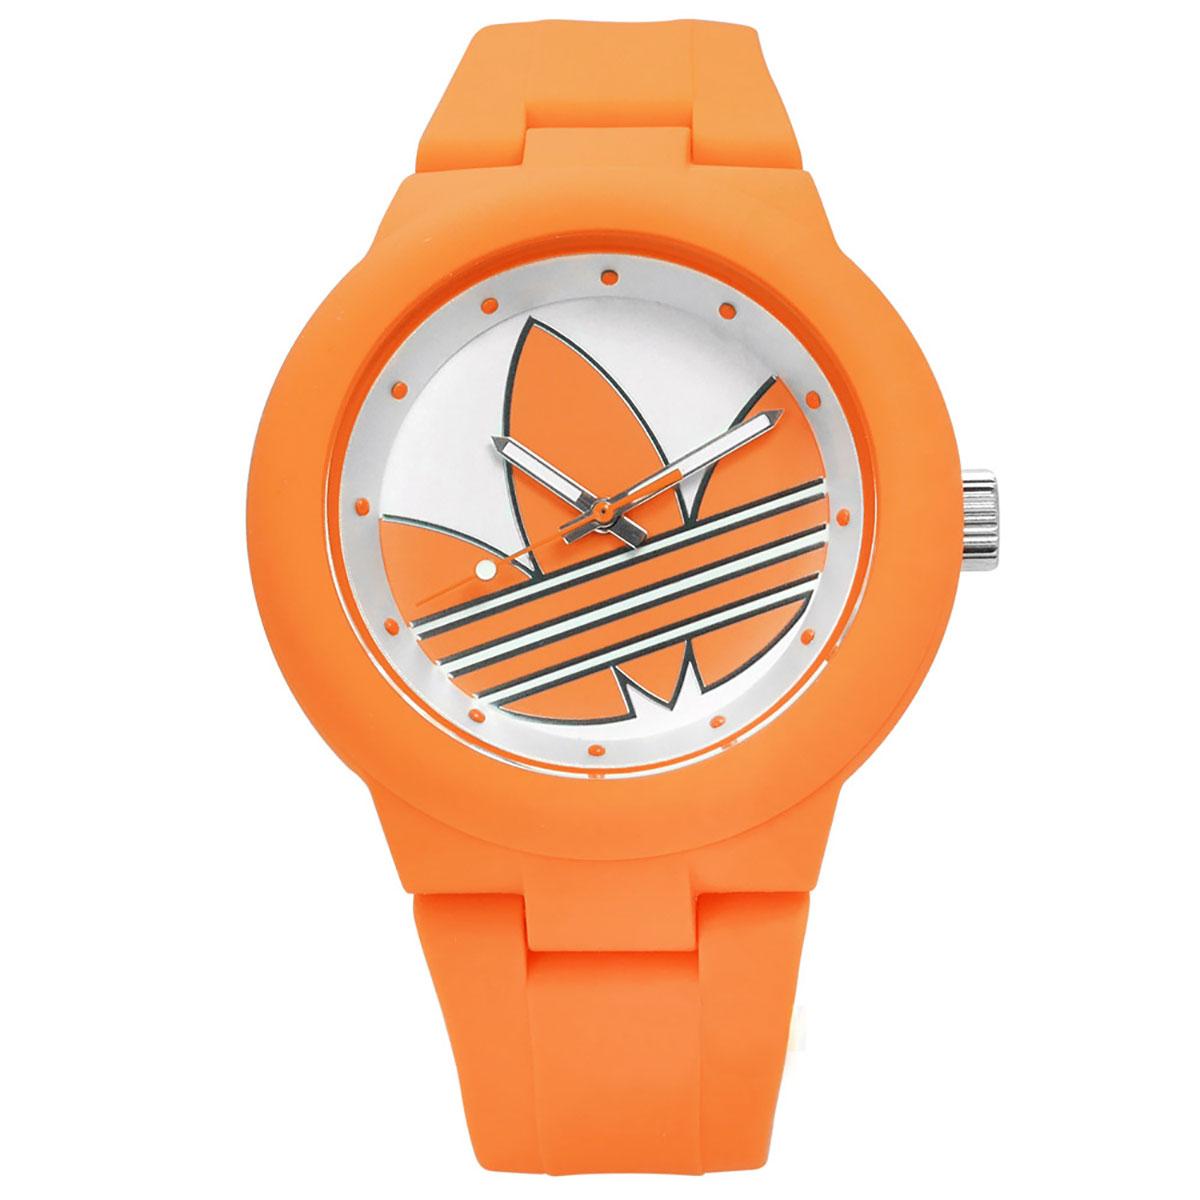 นาฬิกาผู้ชาย Adidas รุ่น ADH3116, Aberdeen